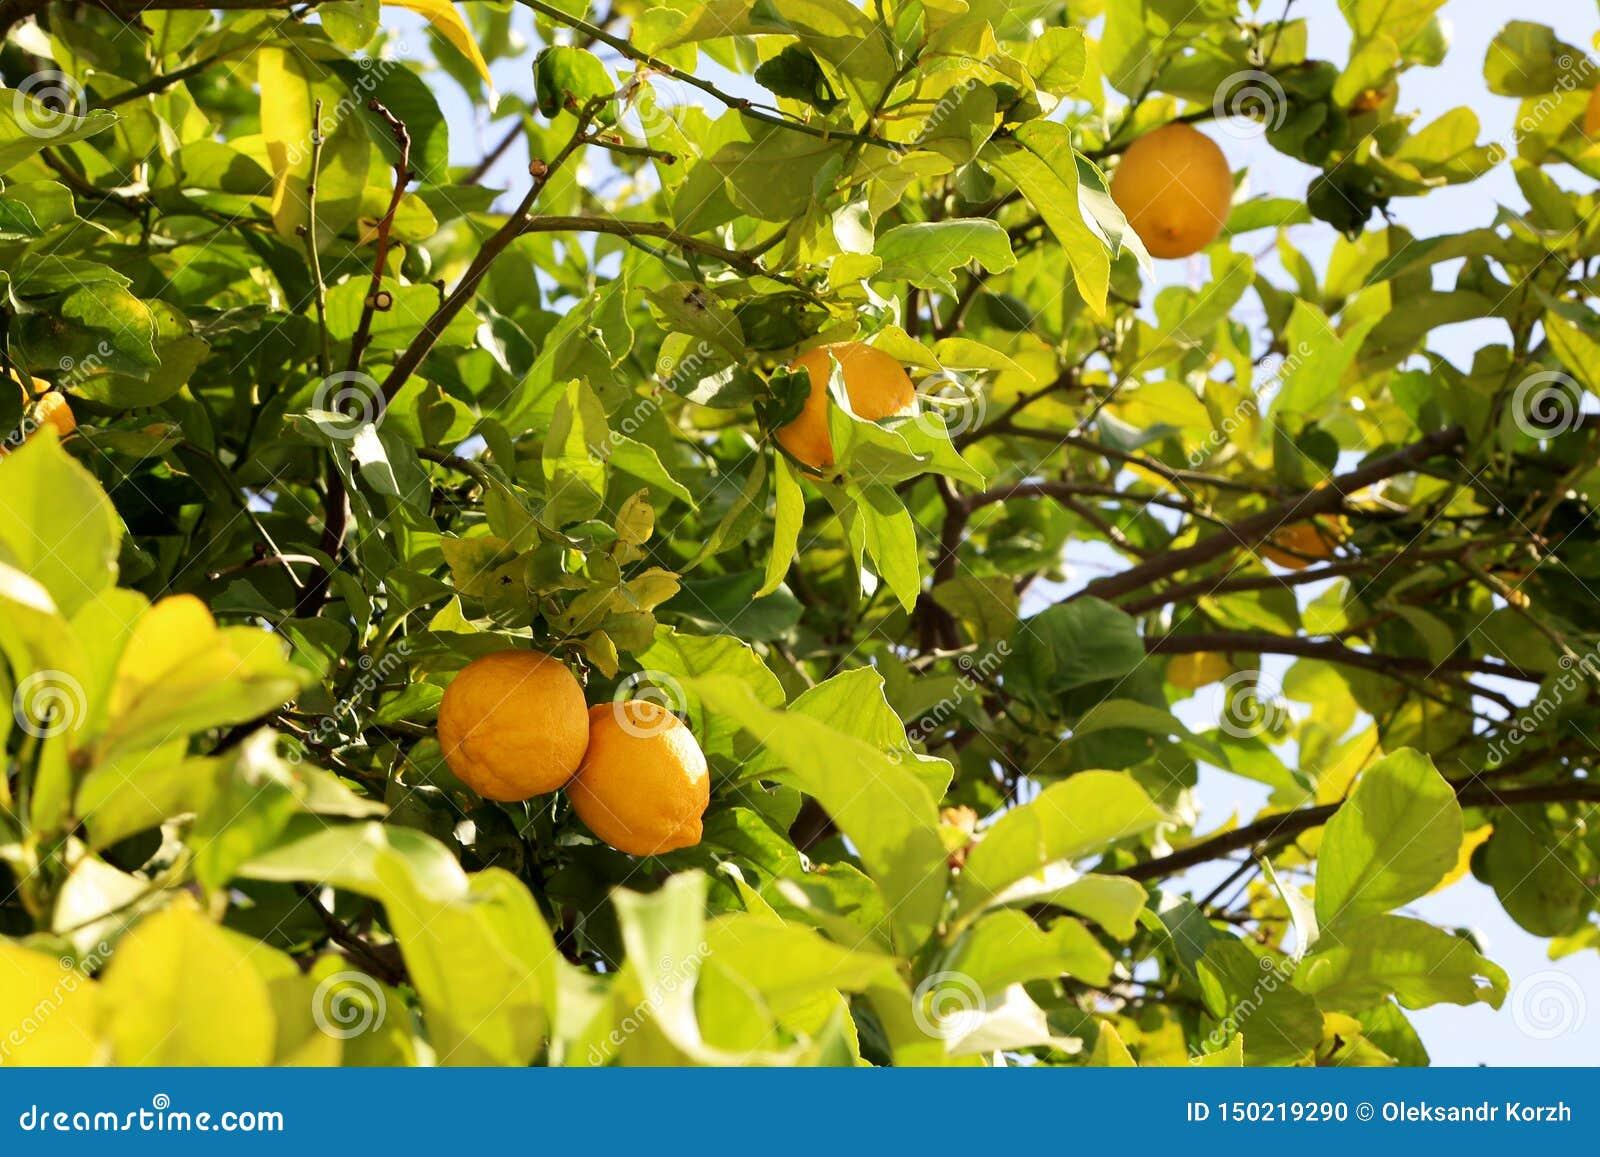 Пуки свежих желтых зрелых лимонов на дереве лимона